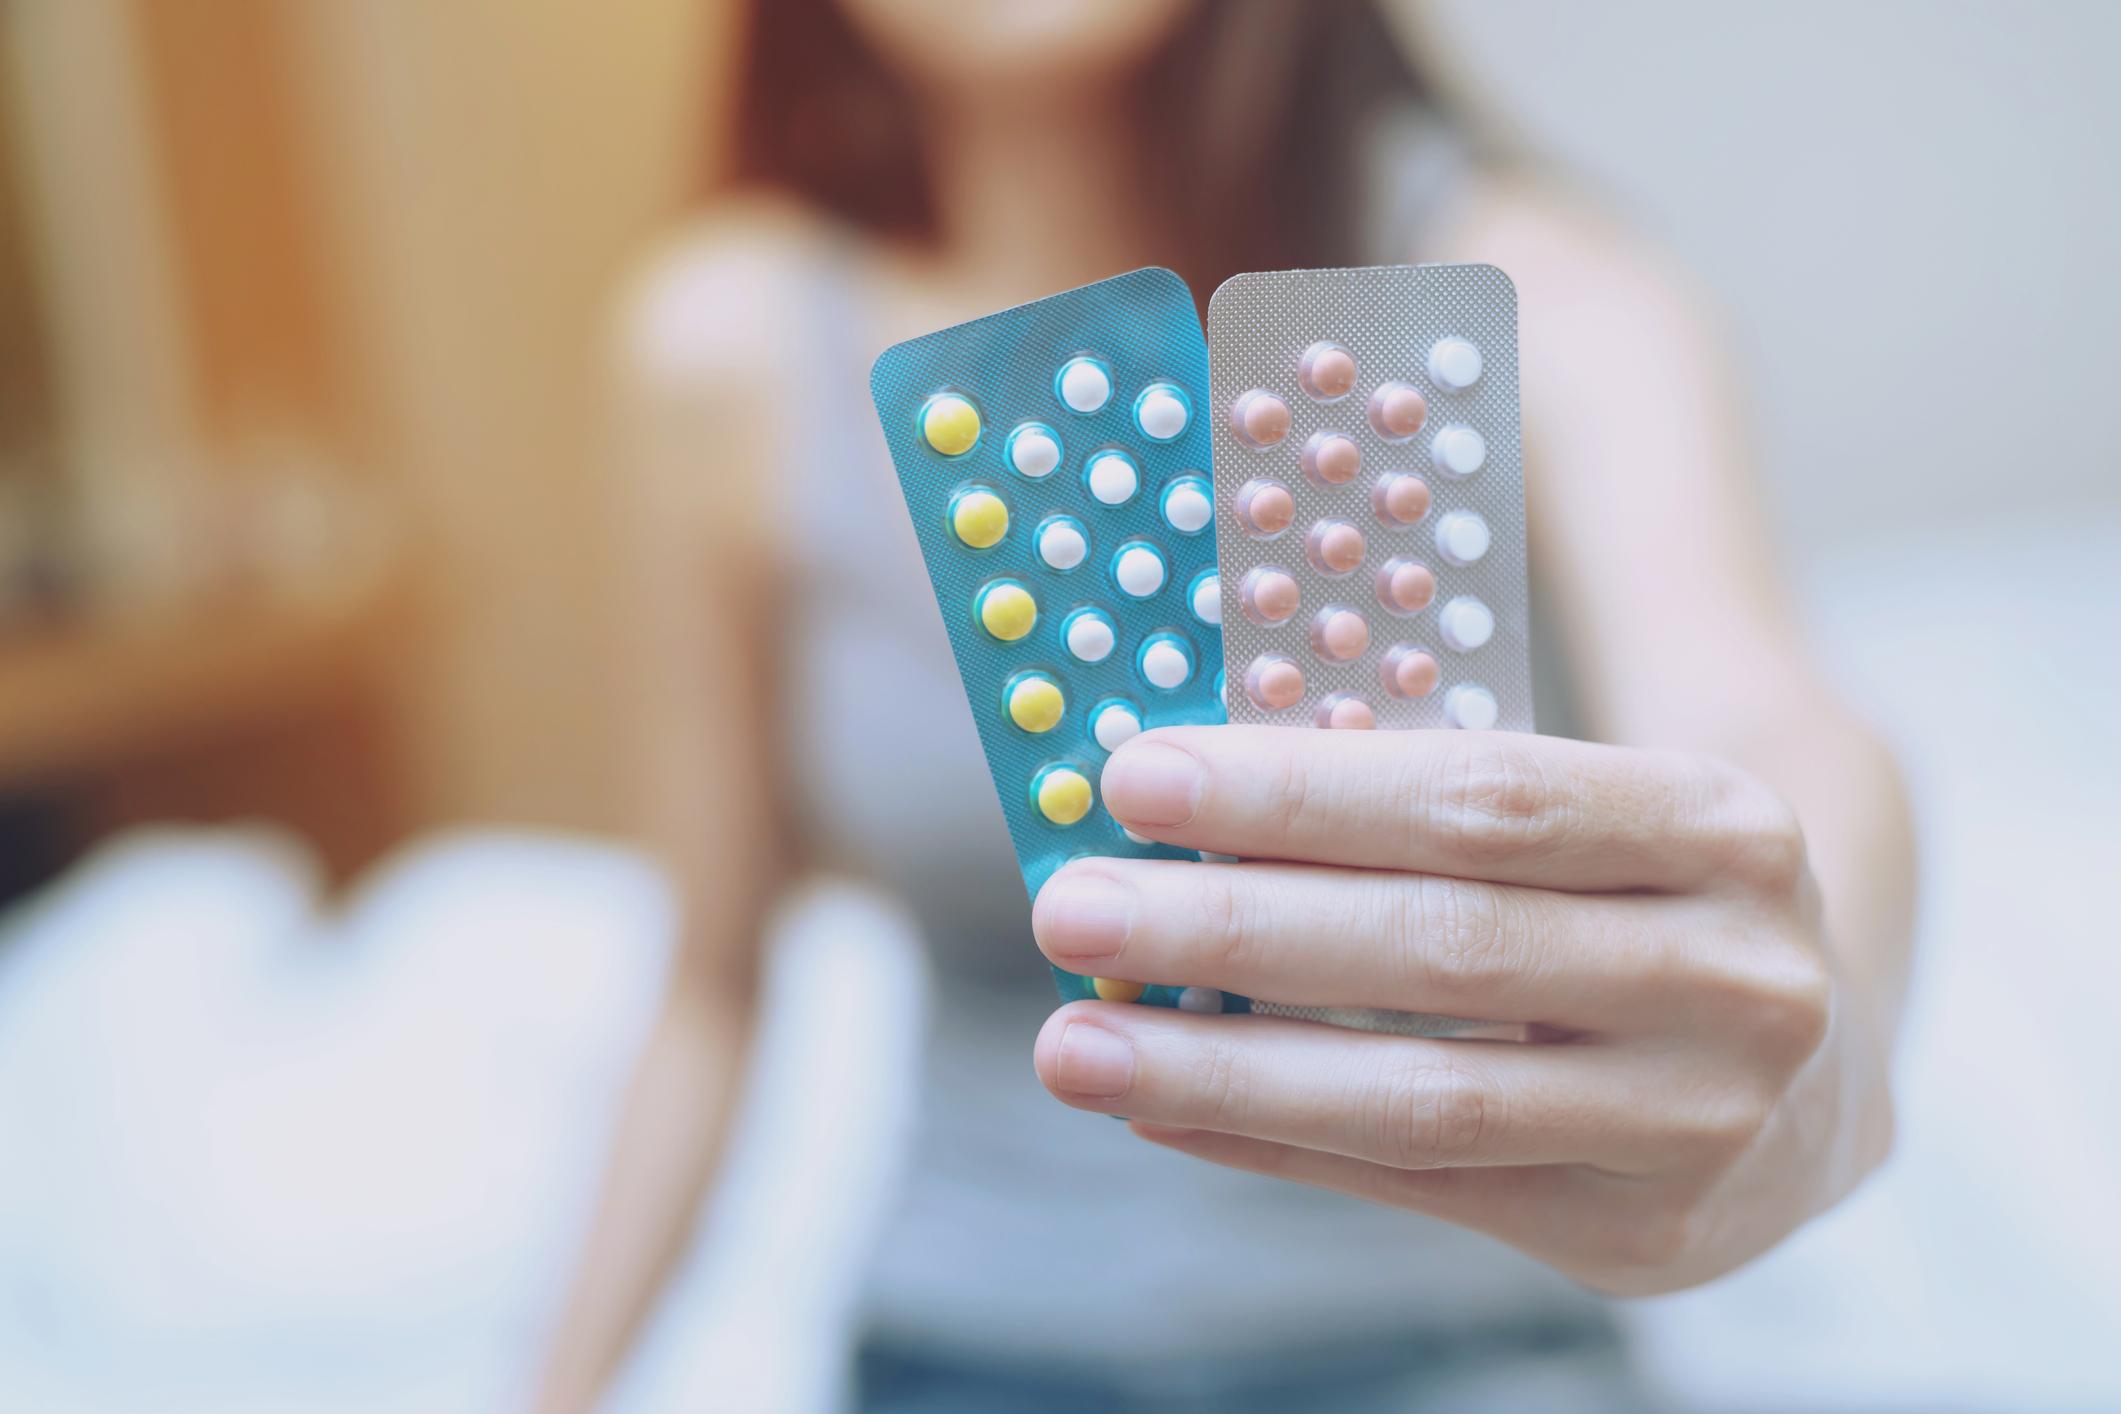 Francuska dopustila djevojčicama mlađim od 14 godina besplatnu kontracepciju, uključujući i tzv. spiralu